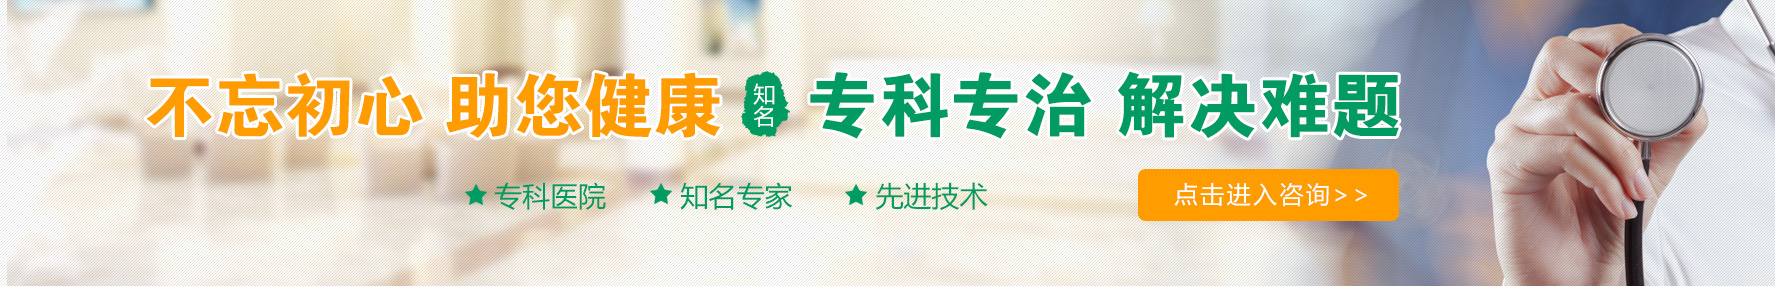 北京脑科医院